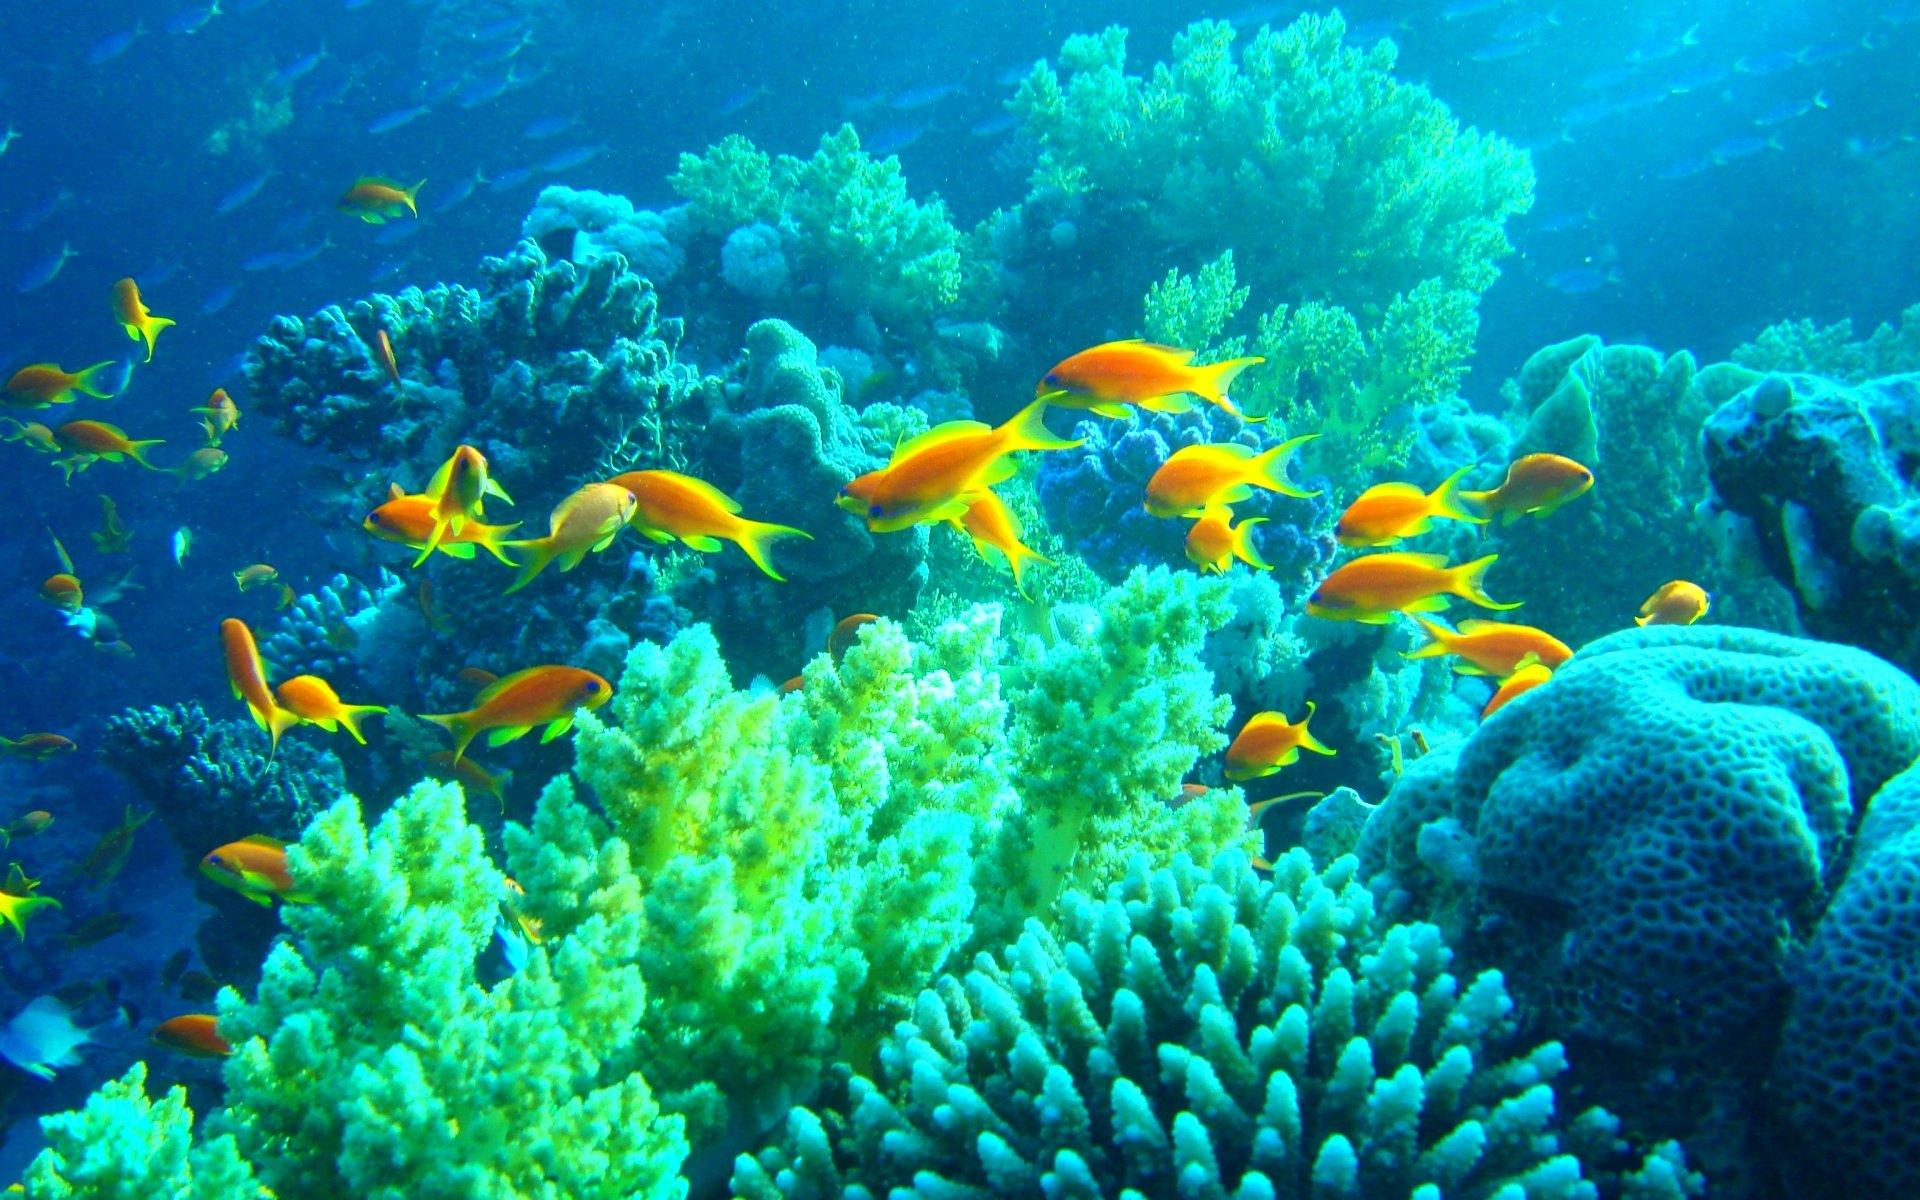 картинки дна океана с рыбками новогодней